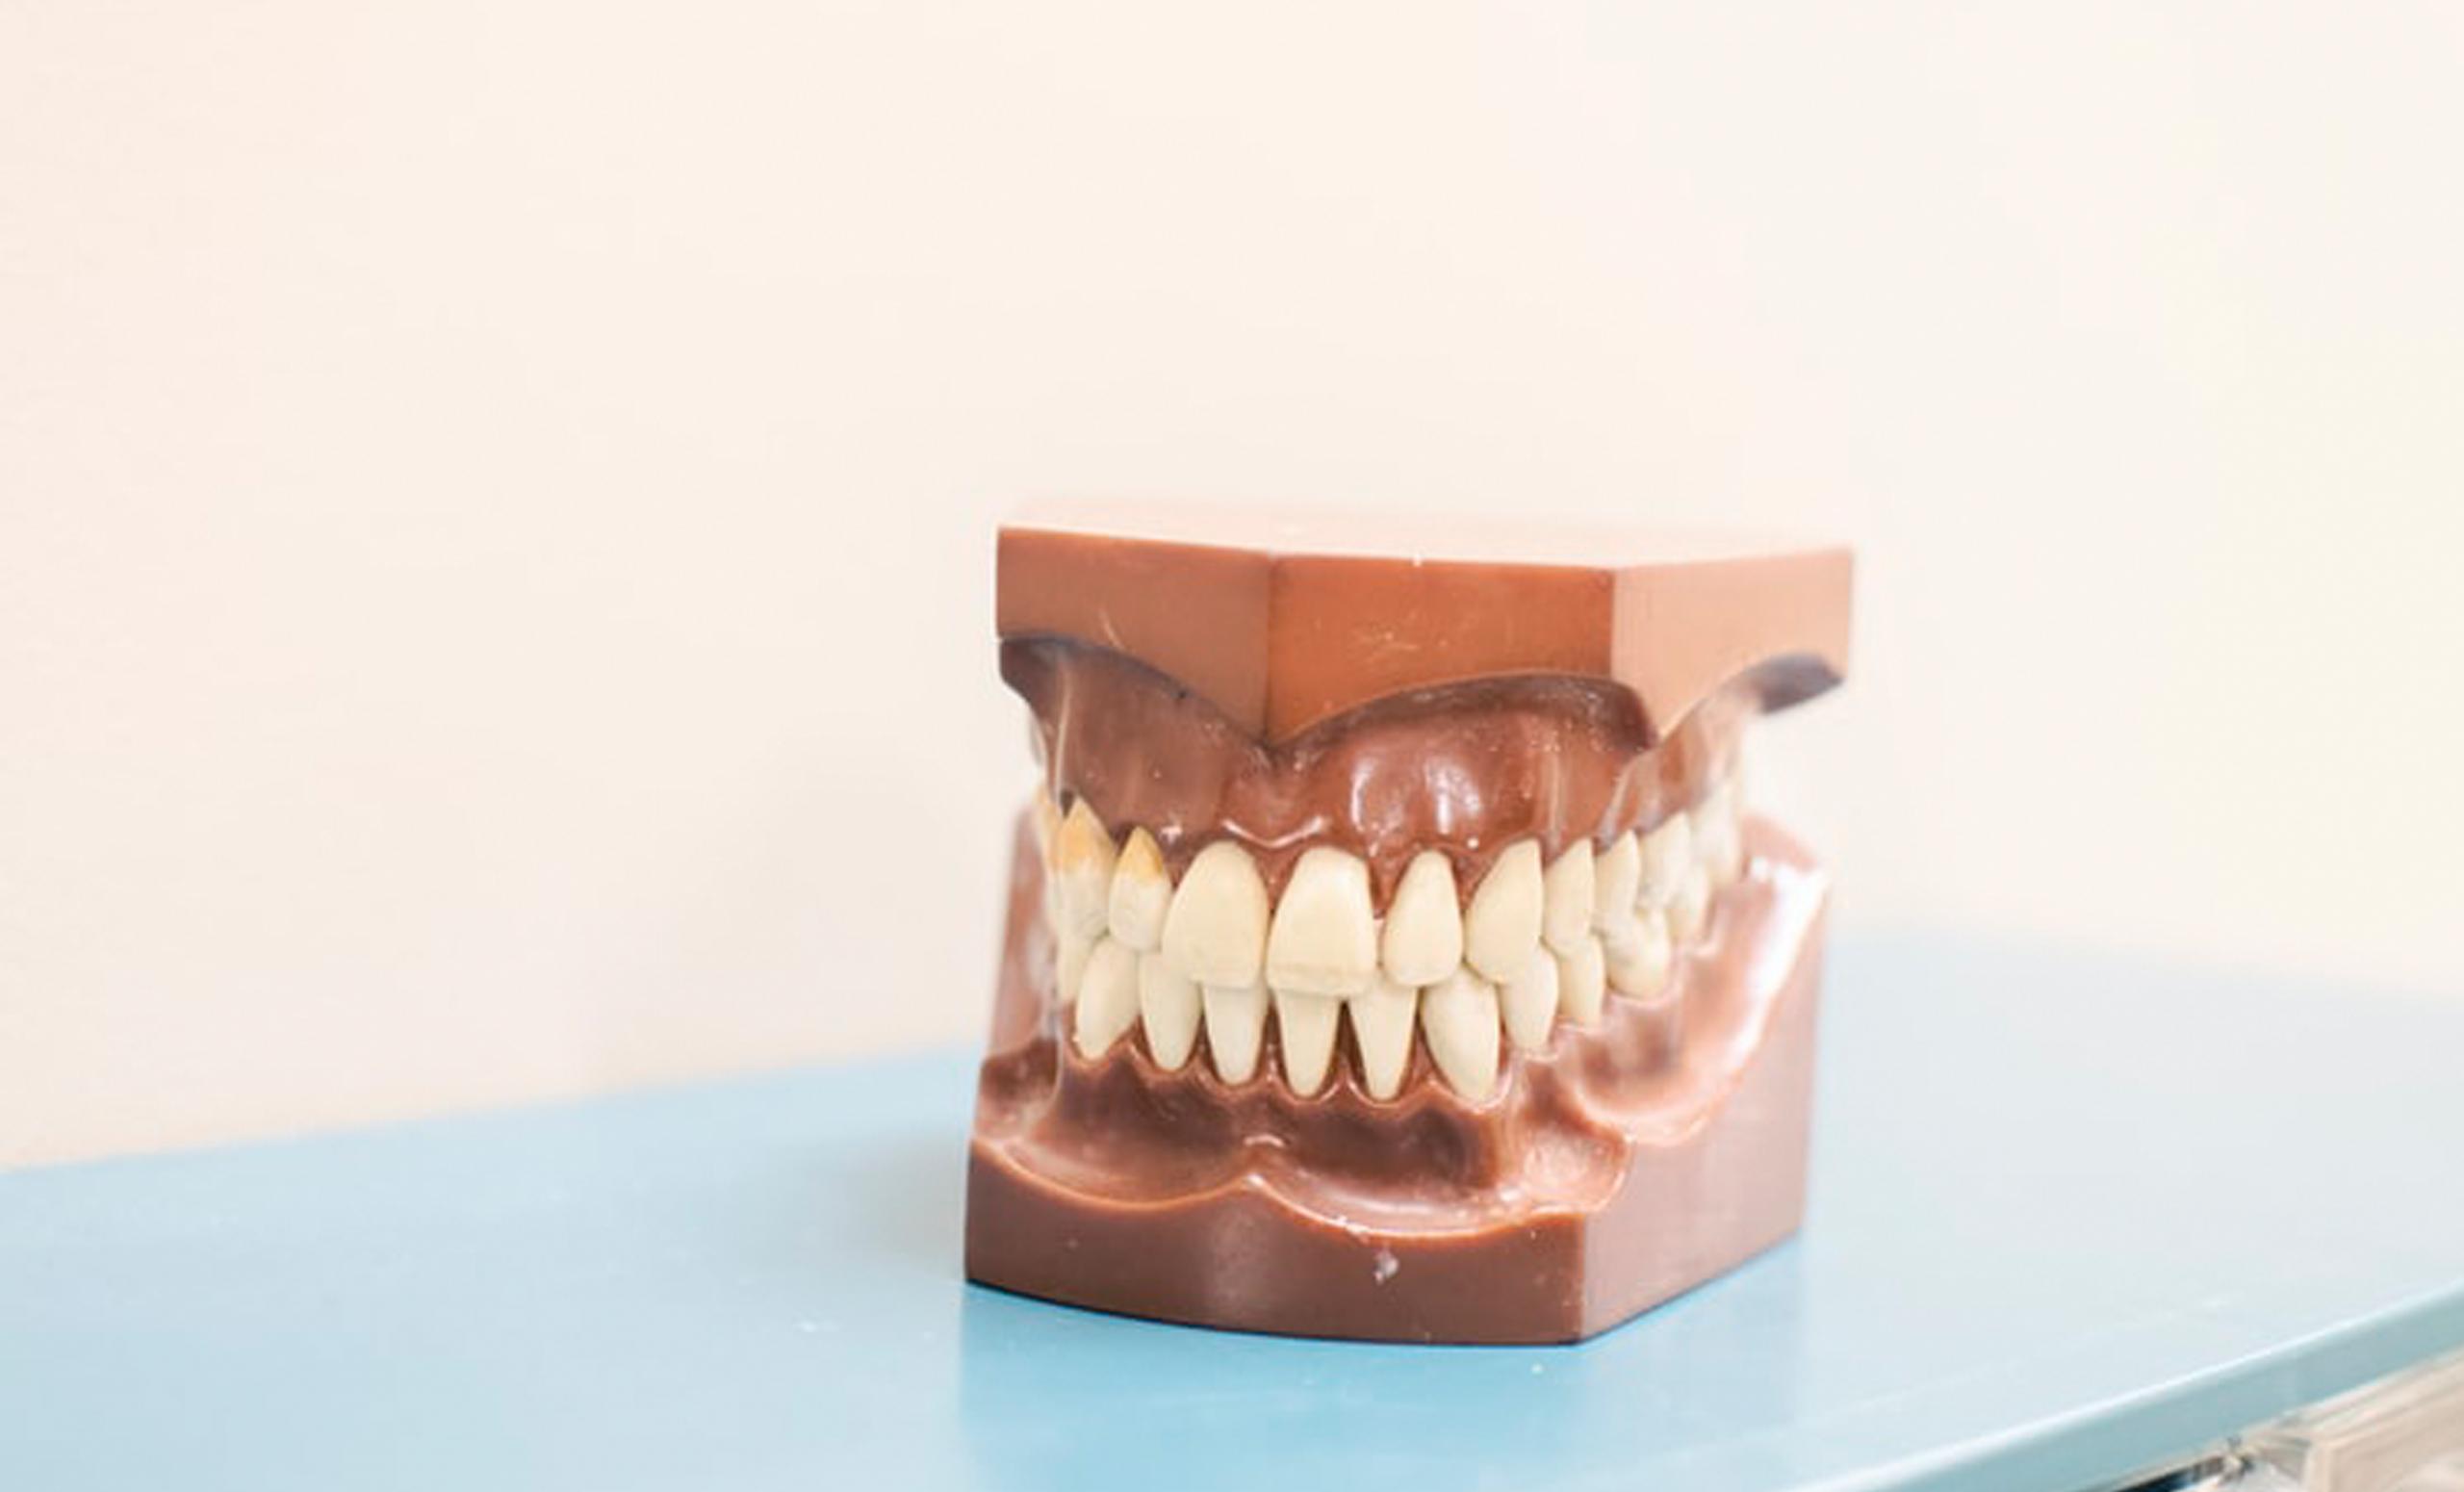 Mooooooooooooove Over Gum Disease! — Whitlock Orthodontics